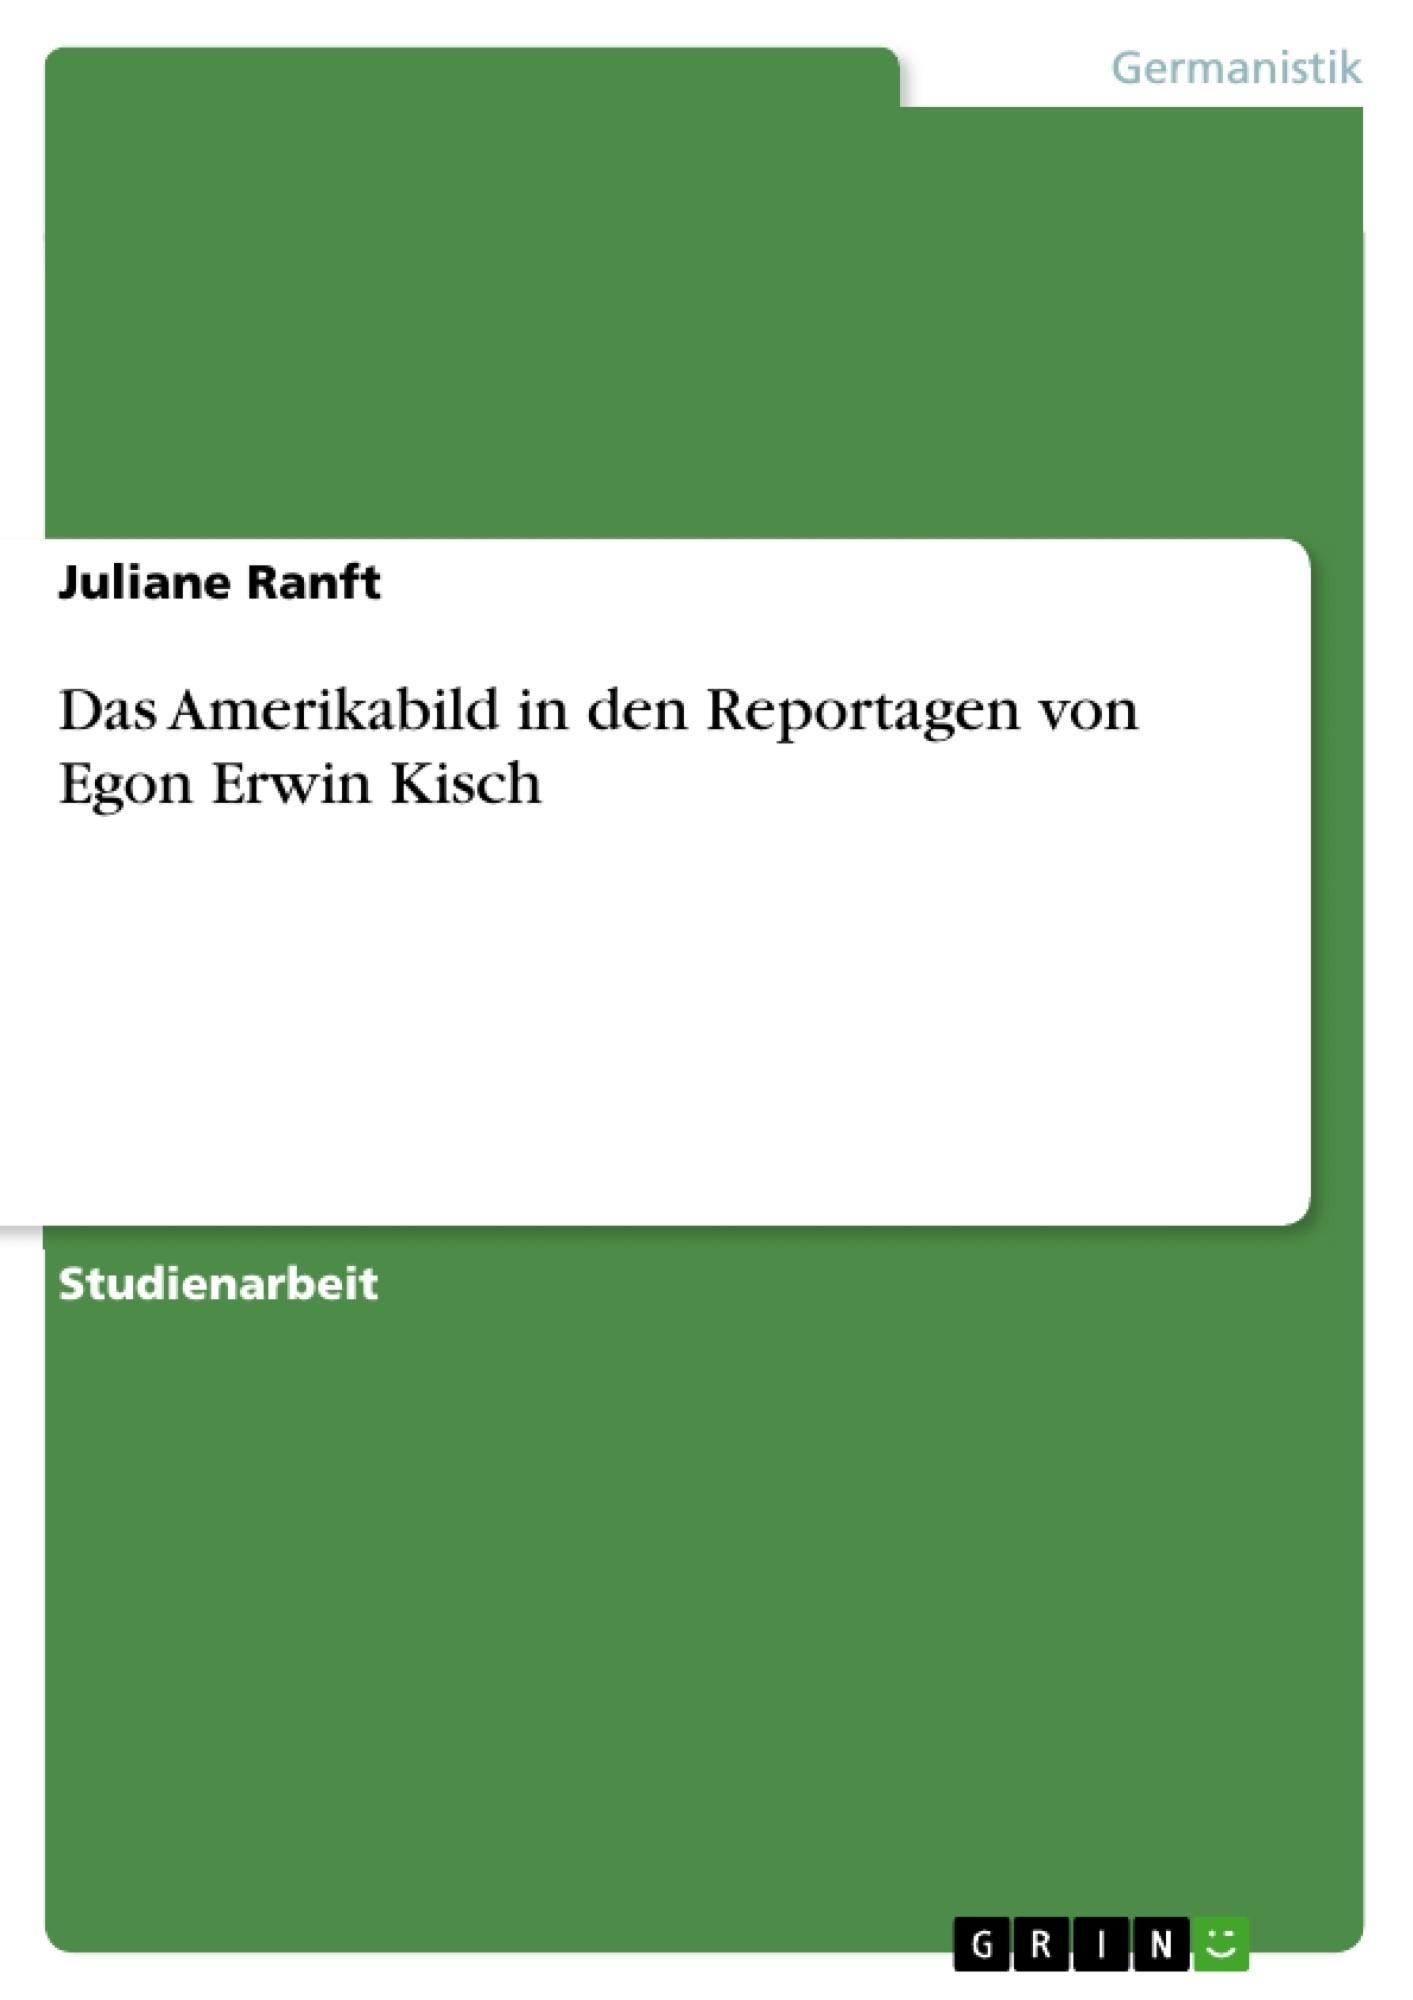 Titel: Das Amerikabild in den Reportagen von Egon Erwin Kisch